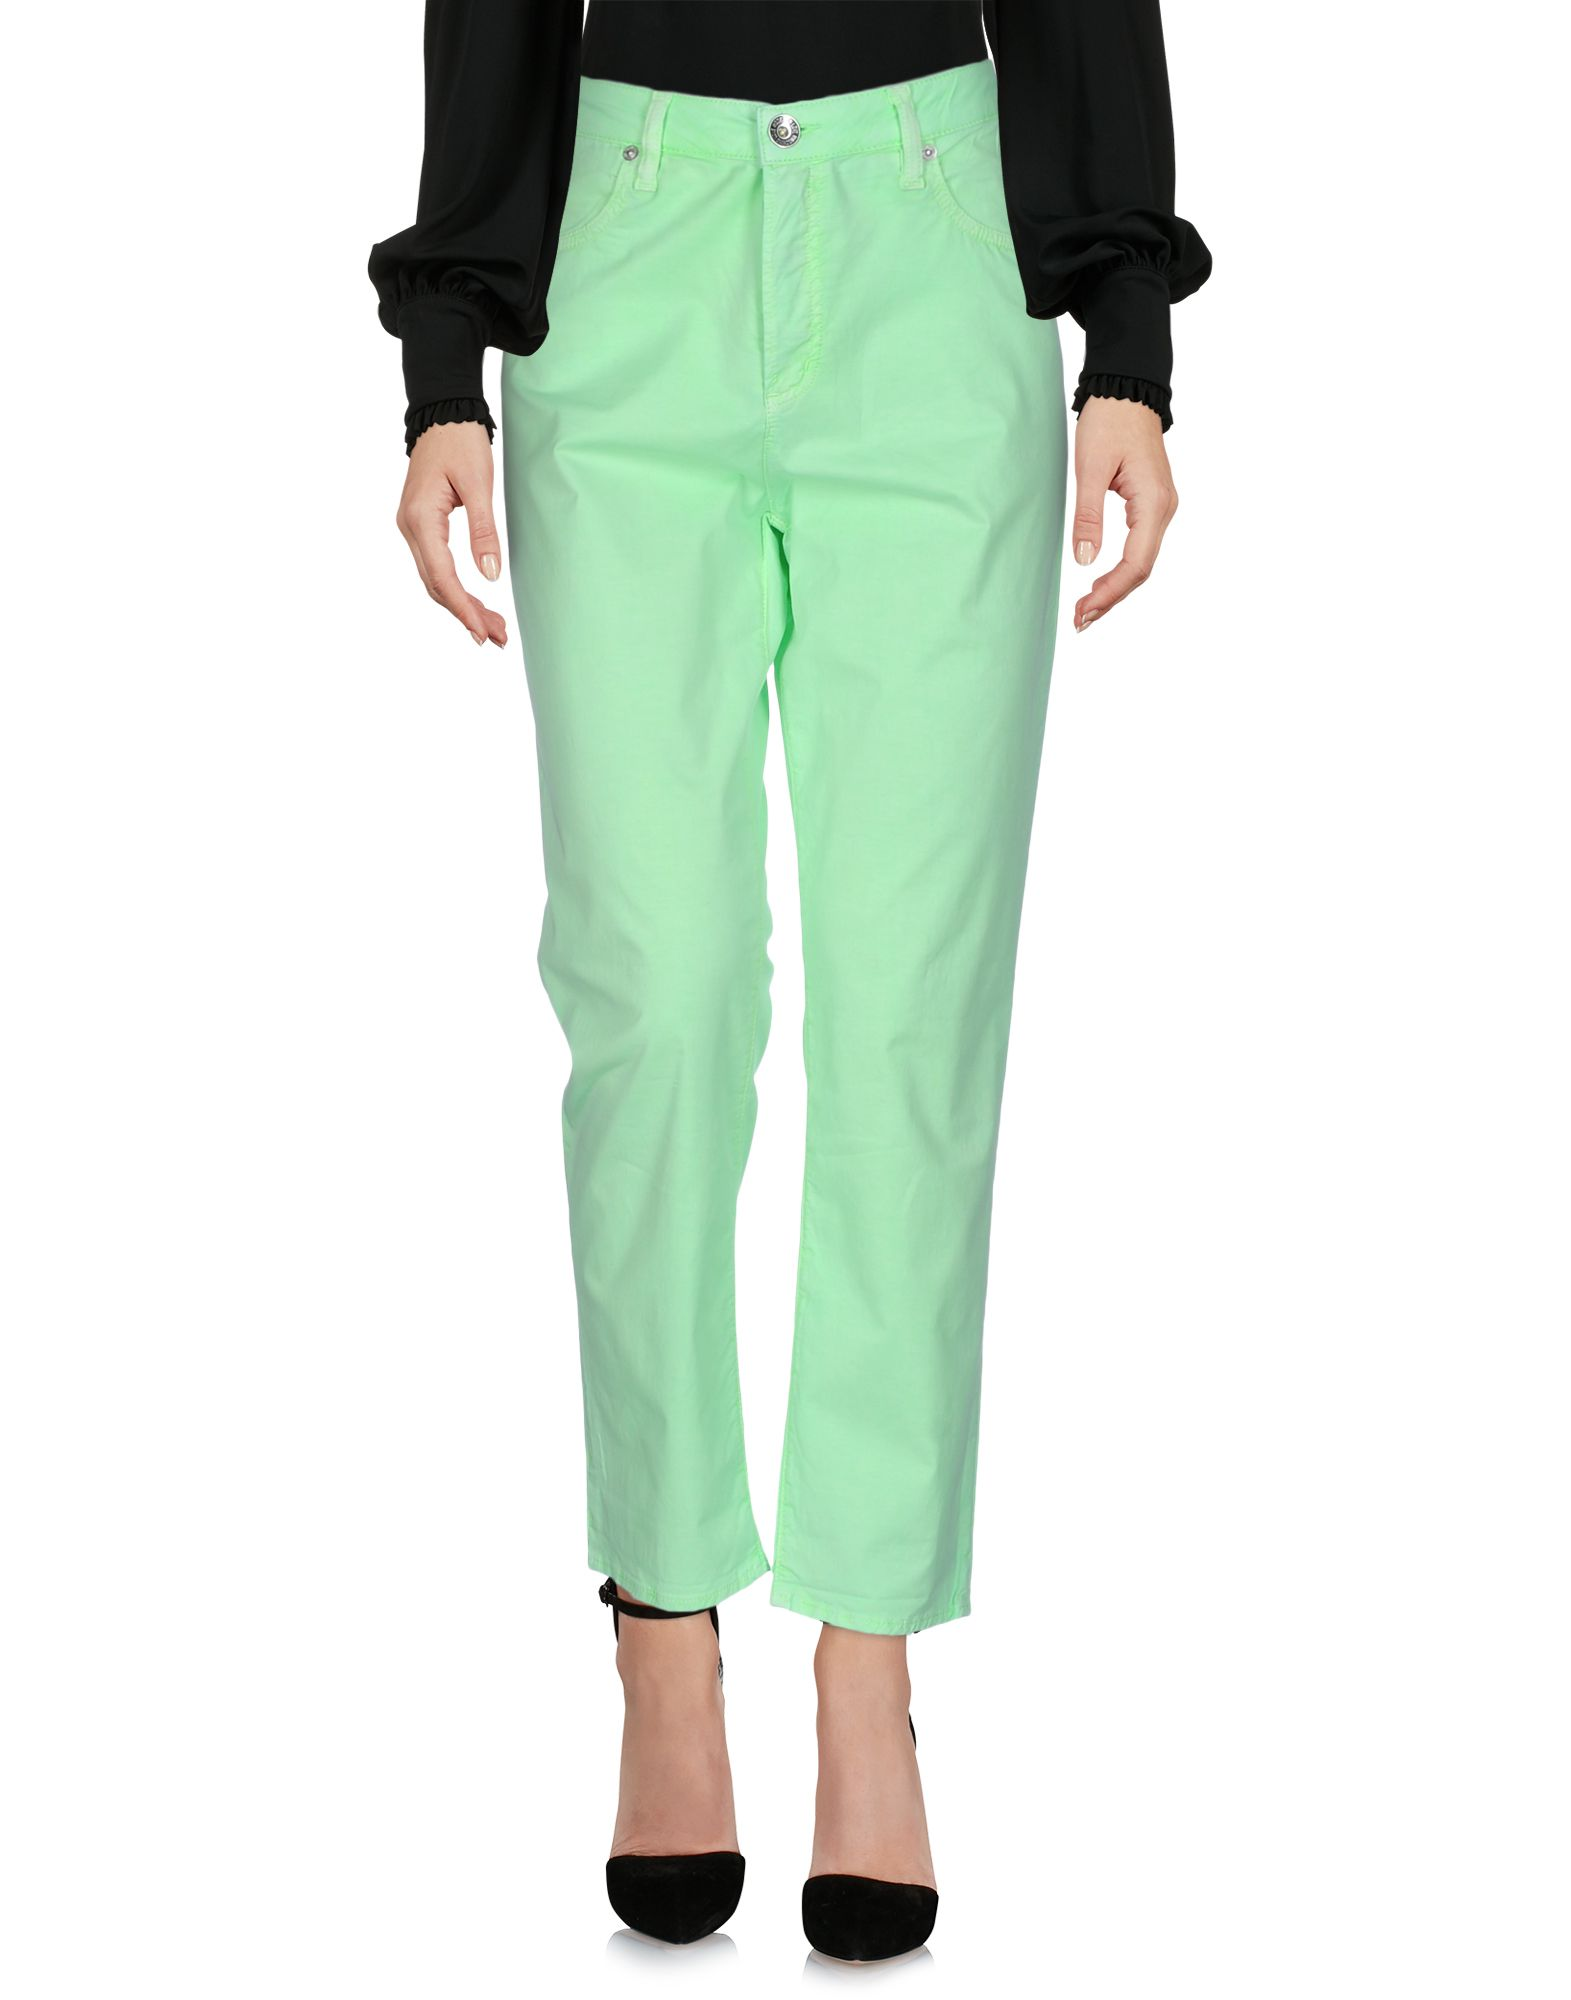 LOVE MOSCHINO Damen Hose Farbe Säuregrün Größe 5 jetztbilligerkaufen